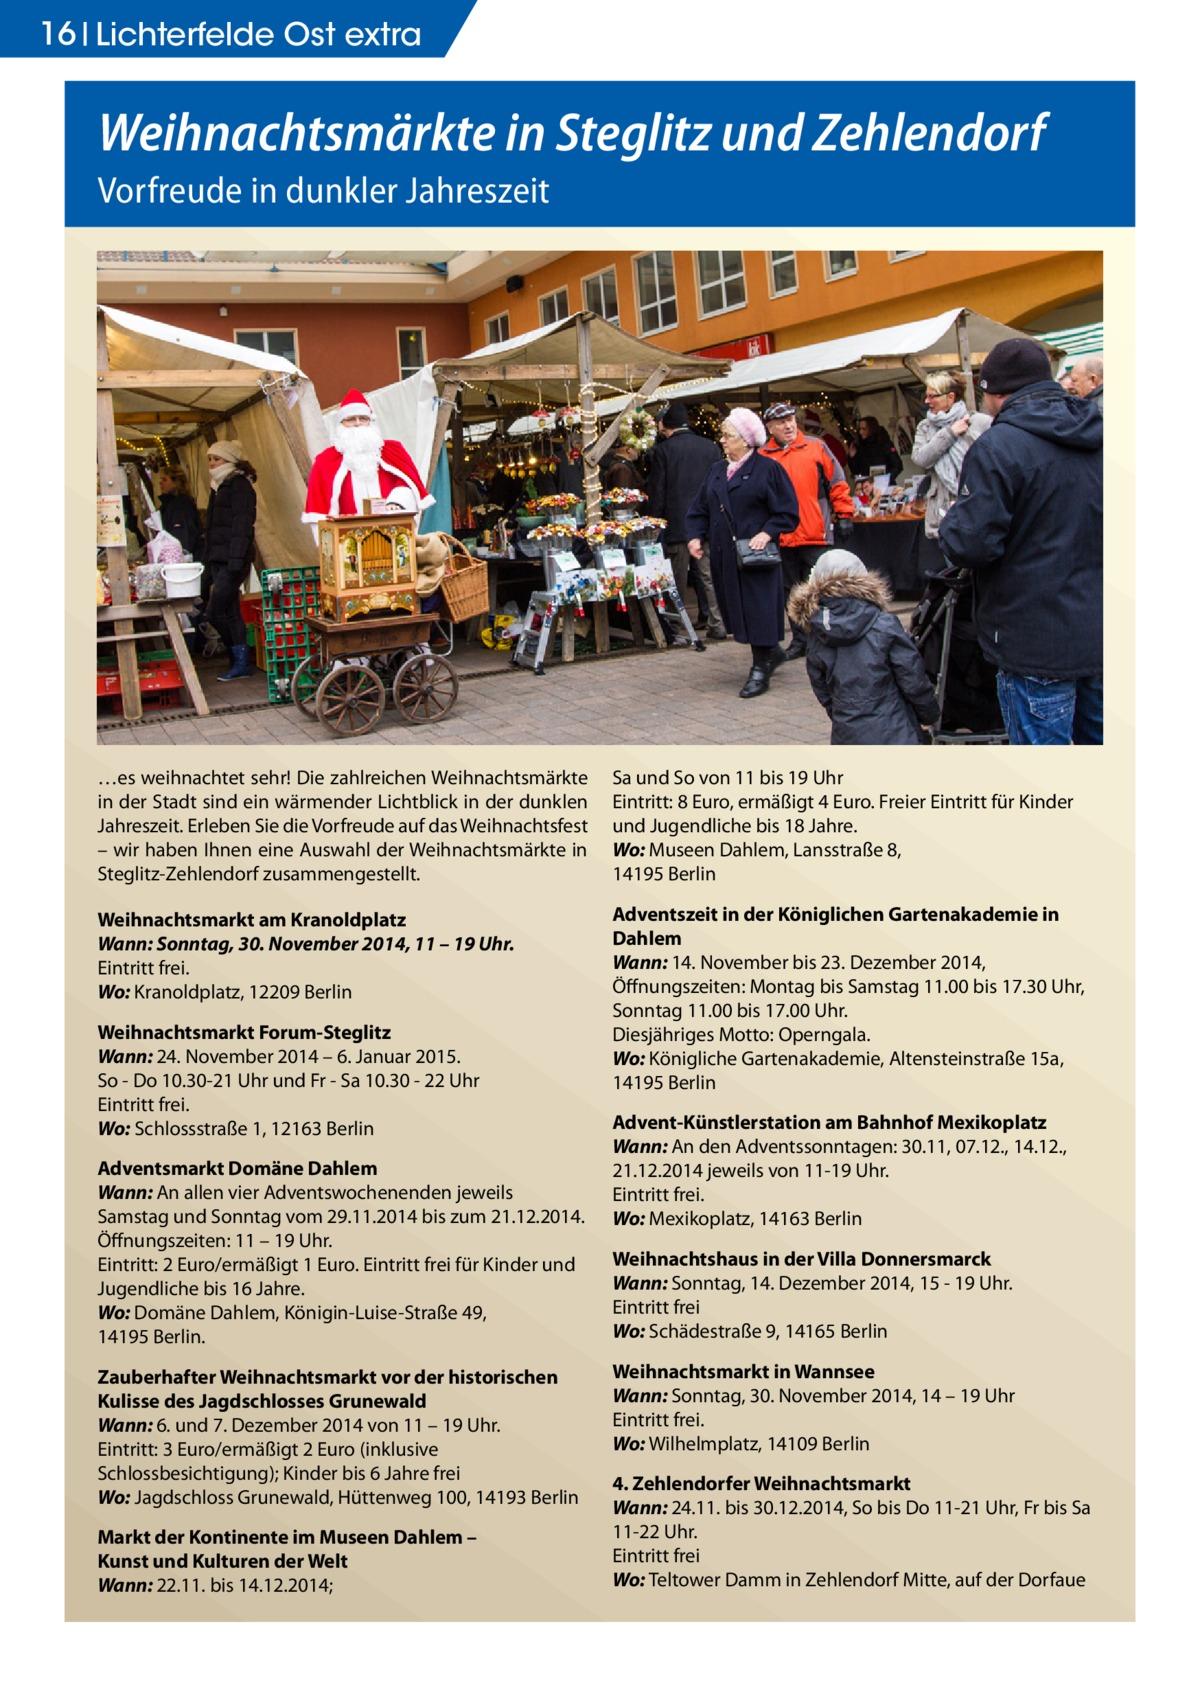 16 Lichterfelde Ost extra  Weihnachtsmärkte in Steglitz und Zehlendorf Vorfreude in dunkler Jahreszeit  …es weihnachtet sehr! Die zahlreichen Weihnachtsmärkte in der Stadt sind ein wärmender Lichtblick in der dunklen Jahreszeit. Erleben Sie die Vorfreude auf das Weihnachtsfest – wir haben Ihnen eine Auswahl der Weihnachtsmärkte in Steglitz-Zehlendorf zusammengestellt.  Sa und So von 11 bis 19Uhr Eintritt: 8Euro, ermäßigt 4Euro. Freier Eintritt für Kinder und Jugendliche bis 18Jahre. Wo: Museen Dahlem, Lansstraße 8, 14195 Berlin  Weihnachtsmarkt am Kranoldplatz Wann: Sonntag, 30. November 2014, 11 – 19 Uhr. Eintritt frei. Wo: Kranoldplatz, 12209 Berlin  Adventszeit in der Königlichen Gartenakademie in Dahlem Wann: 14. November bis 23.Dezember 2014, Öffnungszeiten: Montag bis Samstag 11.00 bis 17.30Uhr, Sonntag 11.00 bis 17.00 Uhr. Diesjähriges Motto: Operngala. Wo: Königliche Gartenakademie, Altensteinstraße 15a, 14195 Berlin  Weihnachtsmarkt Forum-Steglitz Wann: 24. November 2014 – 6. Januar 2015. So - Do 10.30-21 Uhr und Fr - Sa 10.30 - 22 Uhr Eintritt frei. Wo: Schlossstraße 1, 12163 Berlin Adventsmarkt Domäne Dahlem Wann: An allen vier Adventswochenenden jeweils Samstag und Sonntag vom 29.11.2014 bis zum 21.12.2014. Öffnungszeiten: 11 – 19Uhr. Eintritt: 2 Euro/ermäßigt 1Euro. Eintritt frei für Kinder und Jugendliche bis 16 Jahre. Wo: Domäne Dahlem, Königin-Luise-Straße 49, 14195 Berlin. Zauberhafter Weihnachtsmarkt vor der historischen Kulisse des Jagdschlosses Grunewald Wann: 6. und 7. Dezember 2014 von 11 – 19Uhr. Eintritt: 3 Euro/ermäßigt 2Euro (inklusive Schlossbesichtigung); Kinder bis 6 Jahre frei Wo: Jagdschloss Grunewald, Hüttenweg 100, 14193 Berlin Markt der Kontinente im Museen Dahlem – Kunst und Kulturen der Welt Wann: 22.11. bis 14.12.2014;  Advent-Künstlerstation am BahnhofMexikoplatz Wann: An den Adventssonntagen: 30.11, 07.12., 14.12., 21.12.2014 jeweils von 11-19Uhr. Eintritt frei. Wo: Mexikoplatz, 14163 Berlin Weihnachtshaus in der VillaDonnersma